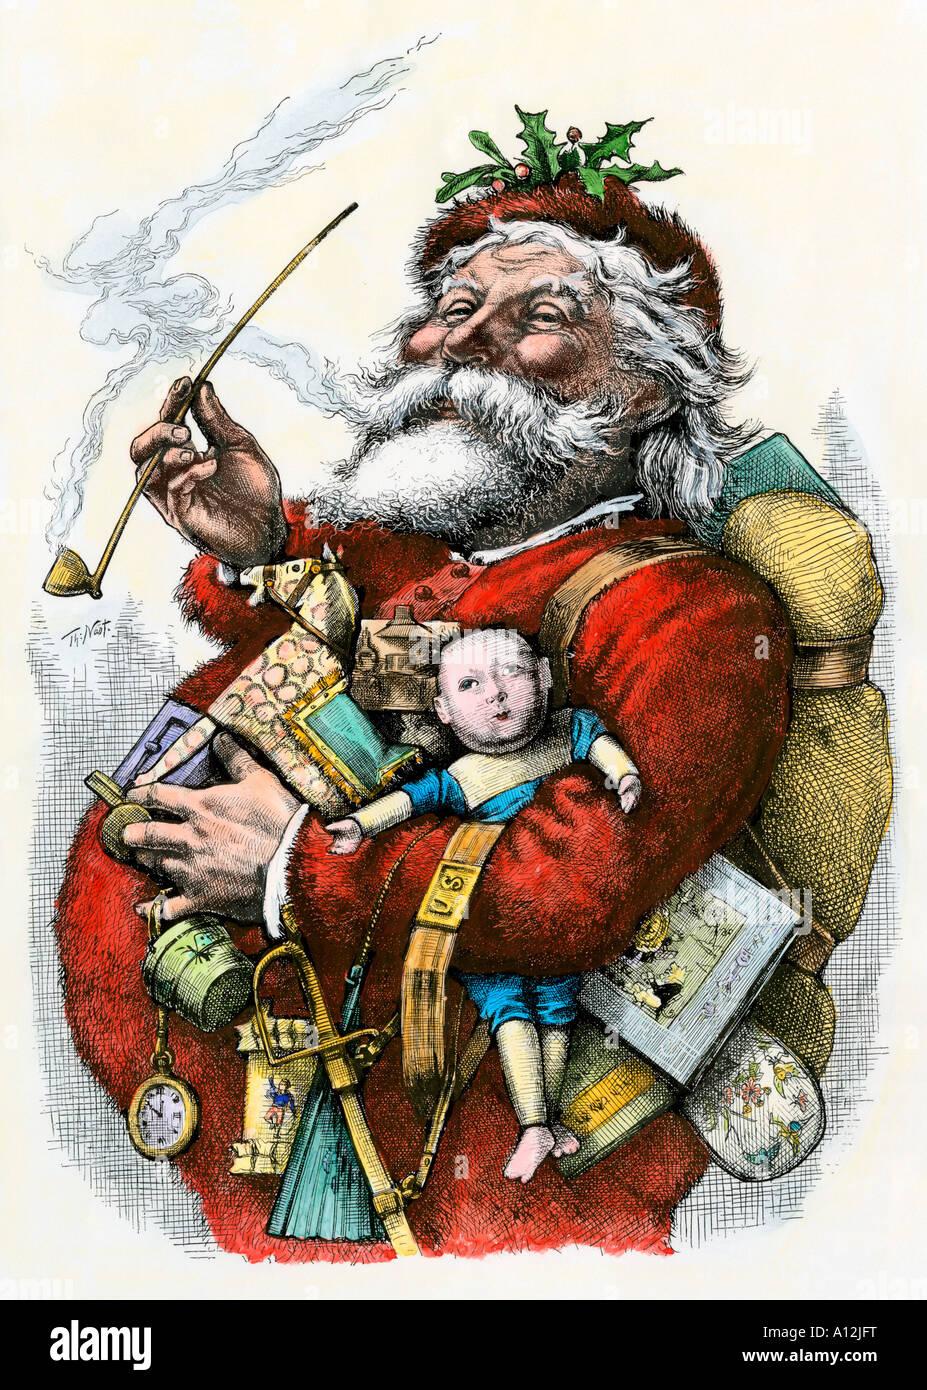 Thomas Nast Weihnachtsmann